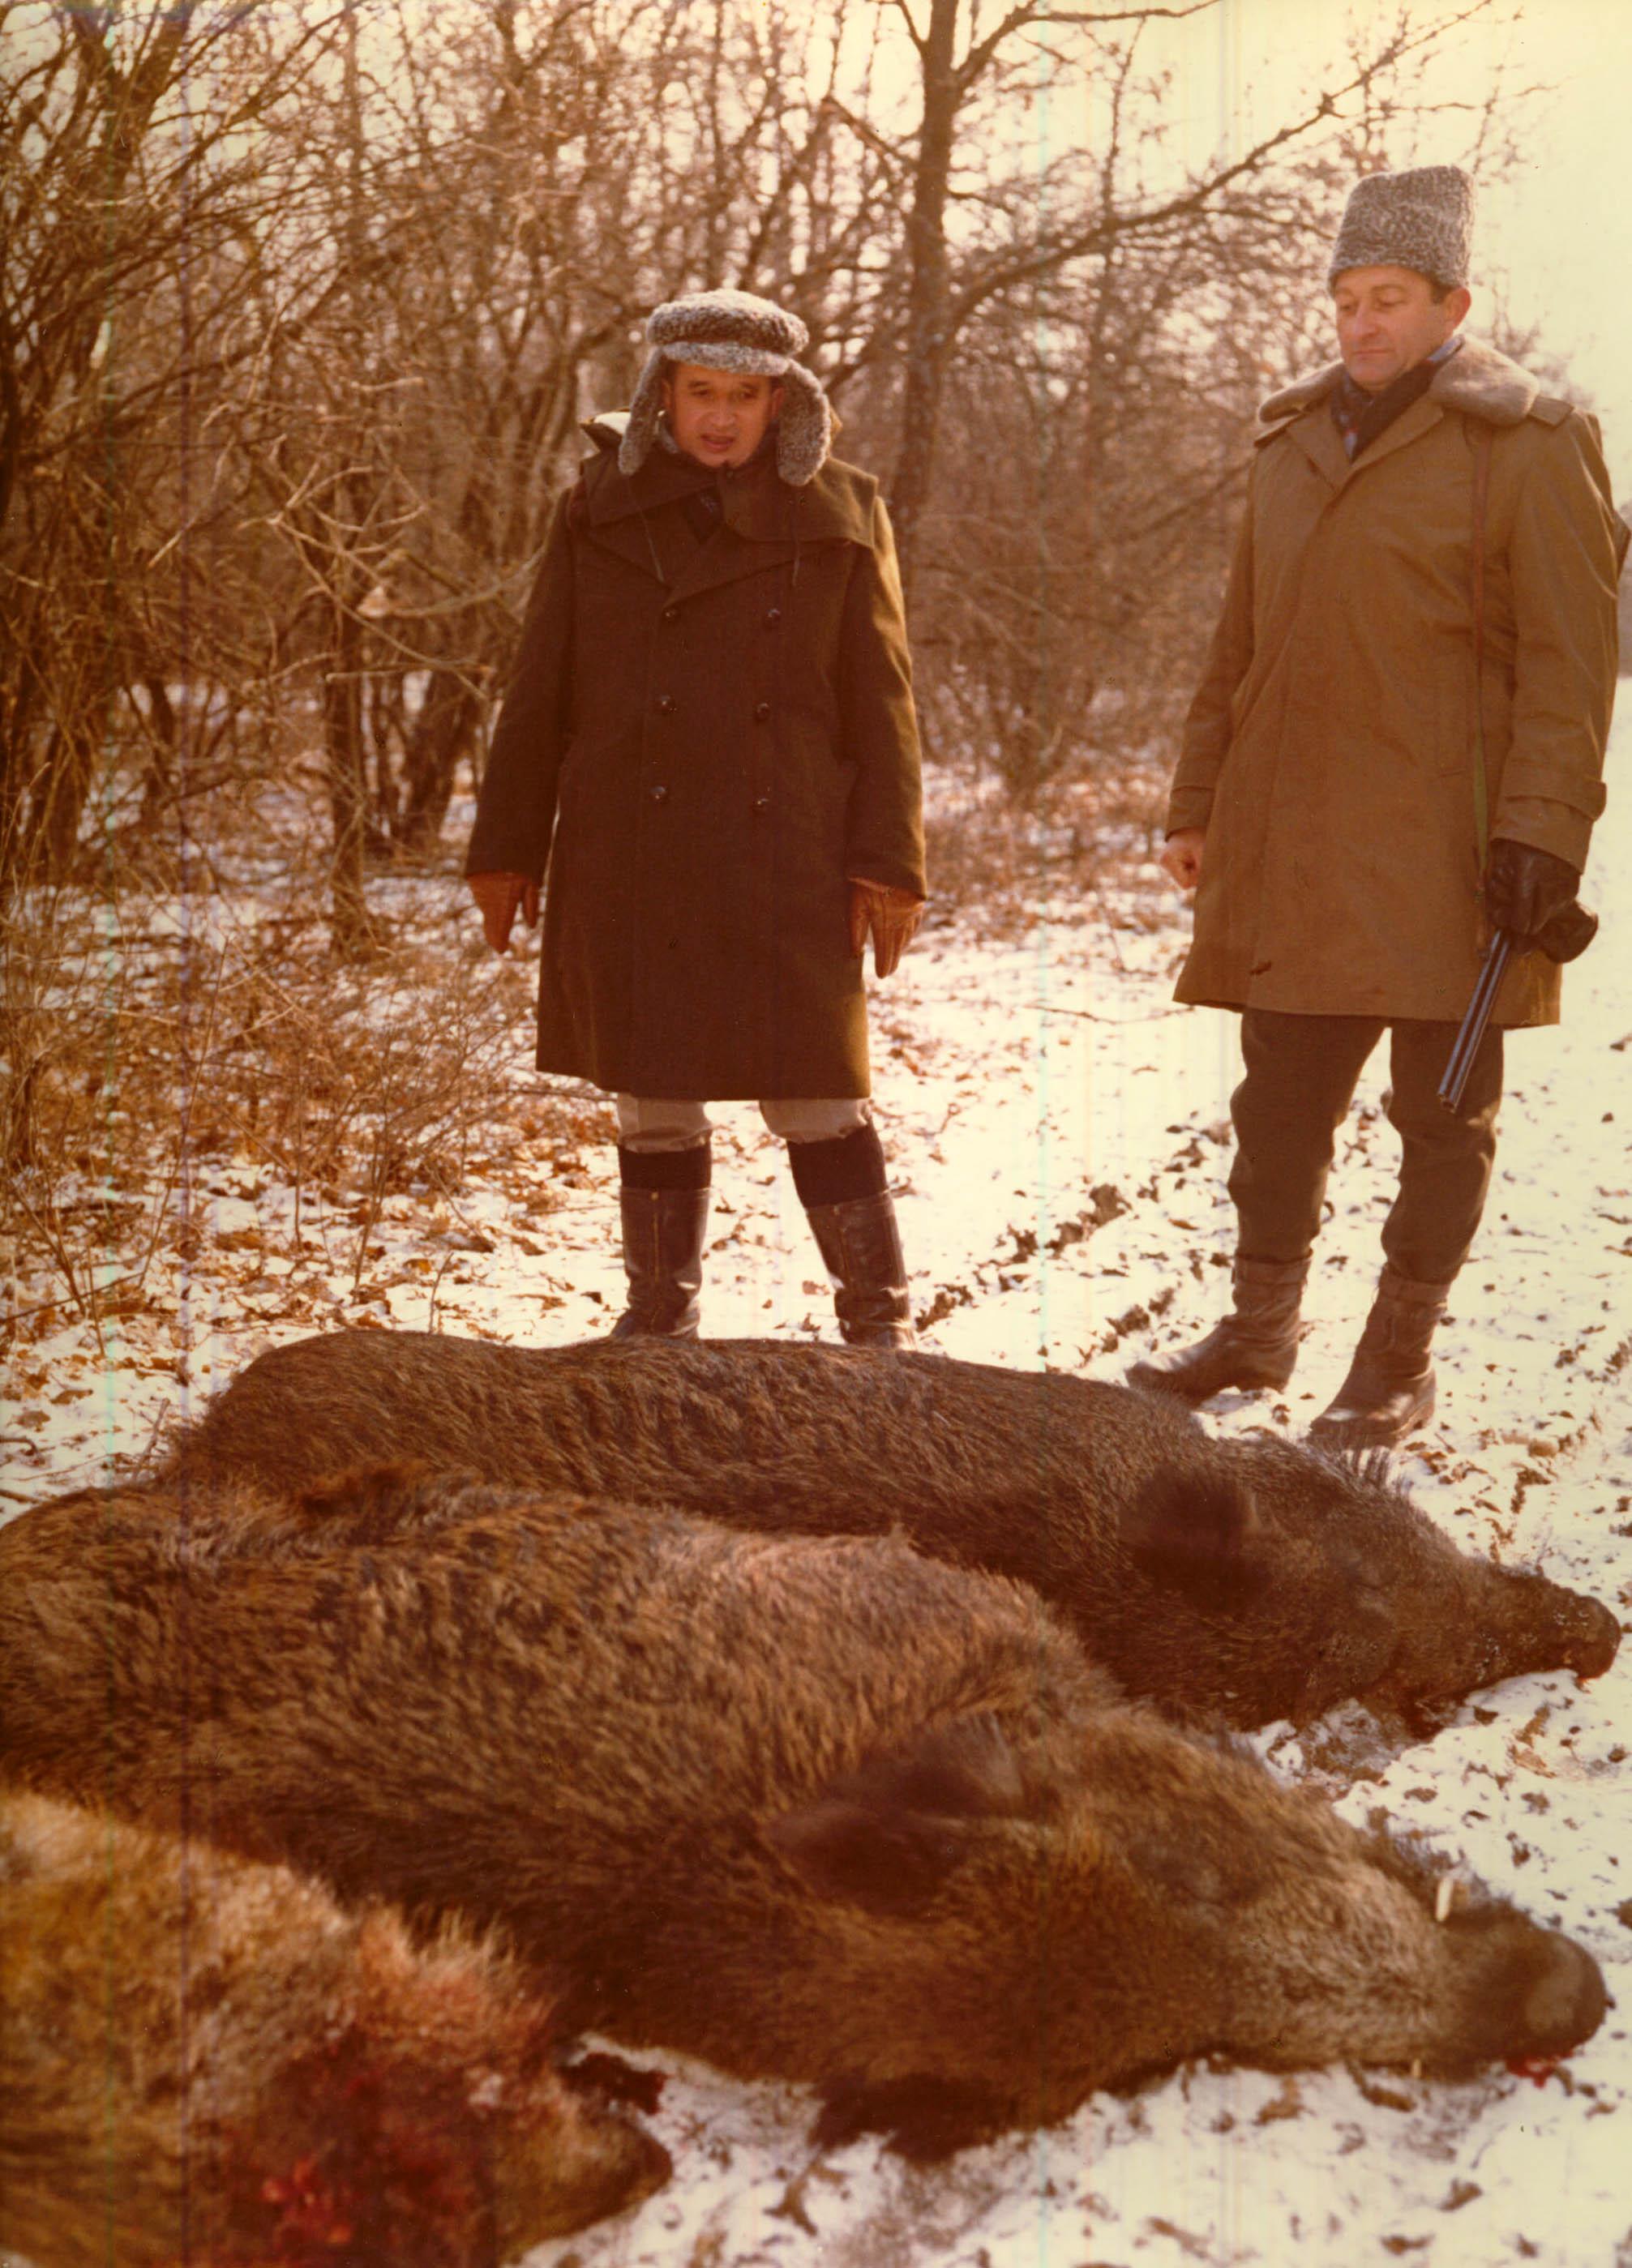 iiccr_n155_ceausescu_hunting_boars.jpg